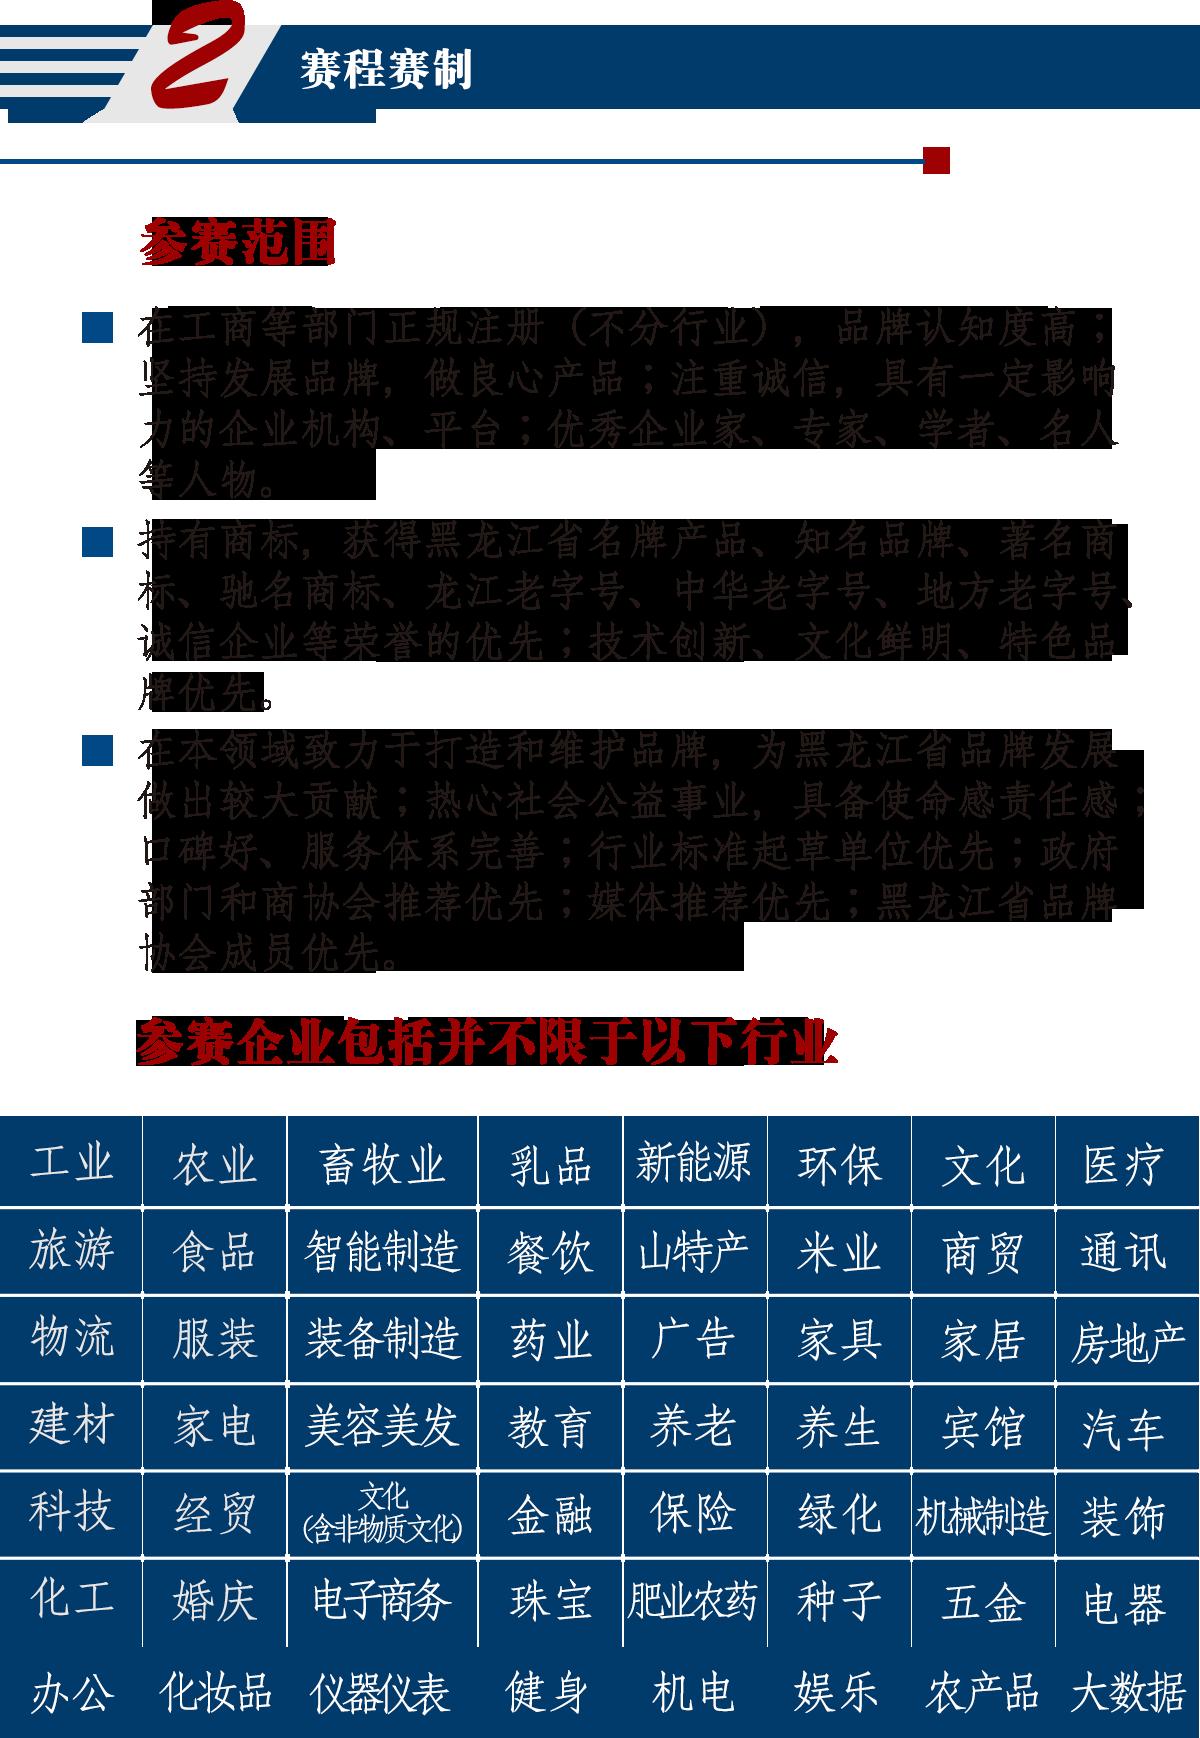 黑龙江省品牌故事大赛